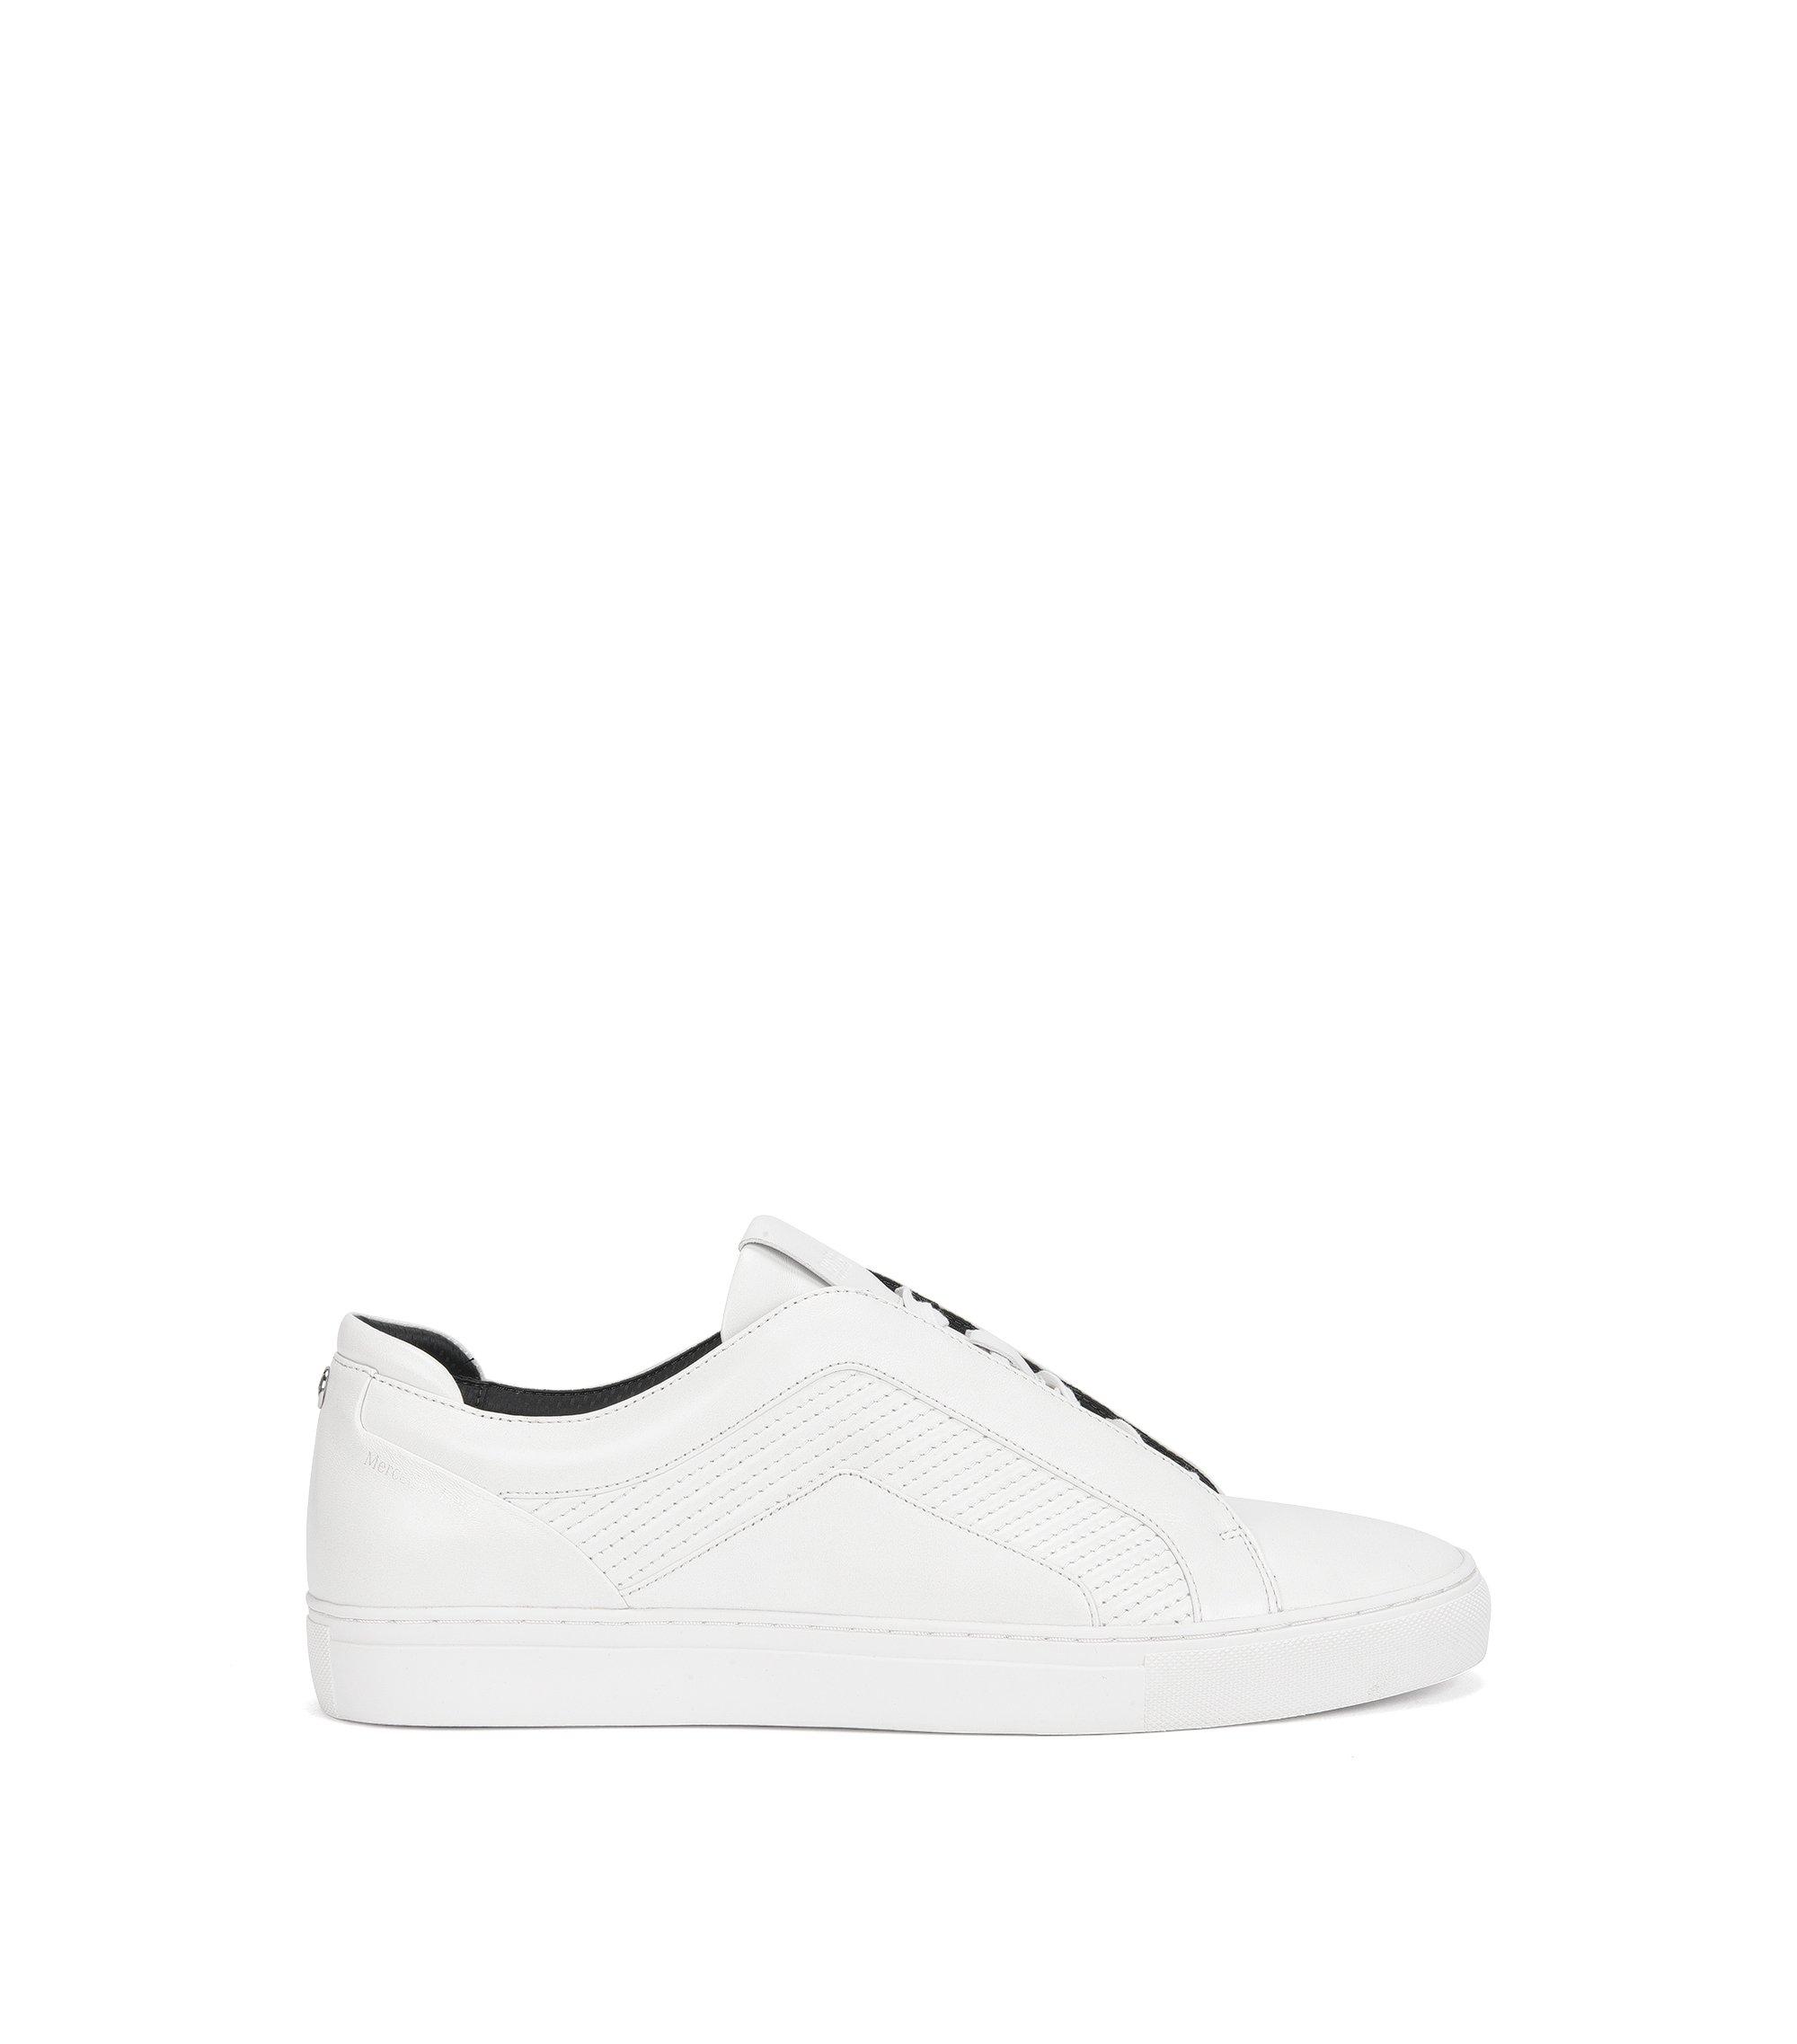 Zapatillas de tenis en piel lisa, Blanco